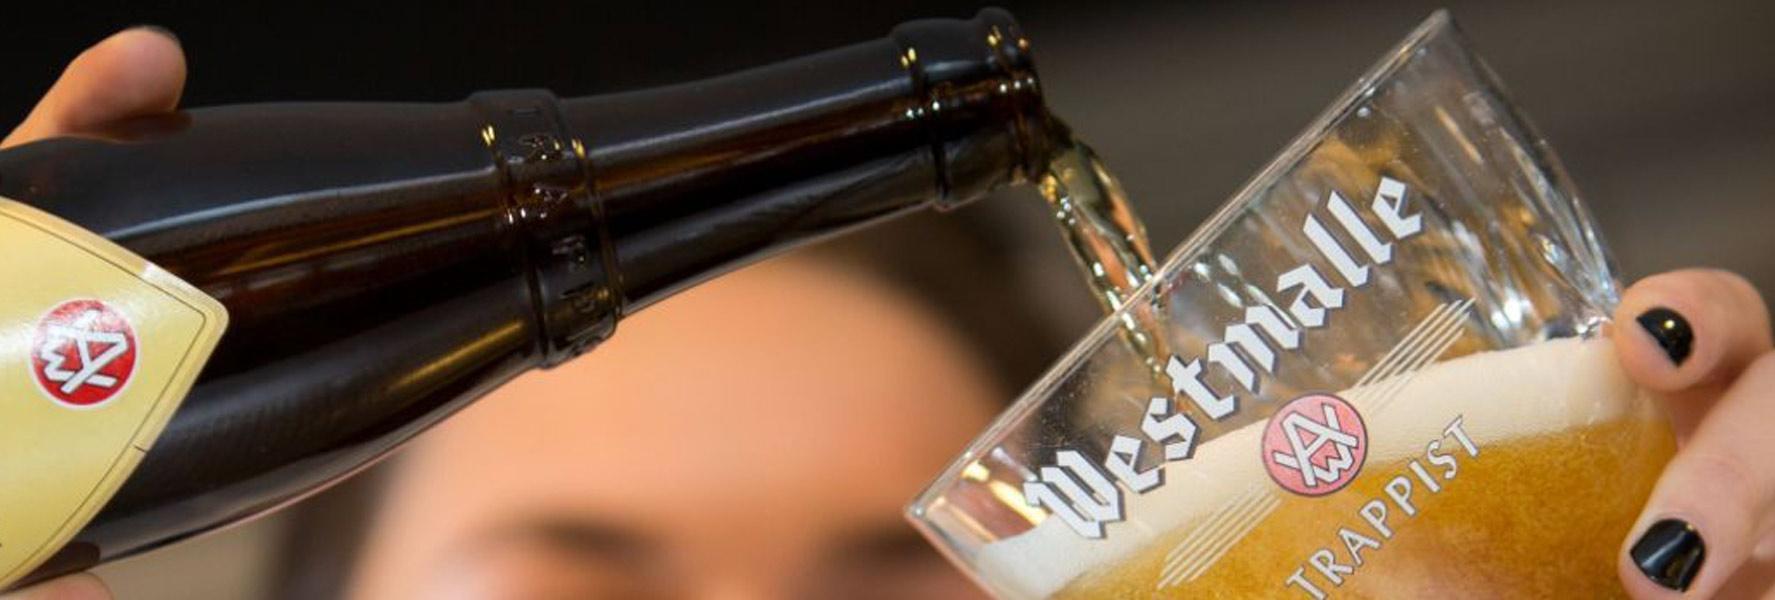 Trappistenbier richtig ins Glas einschenken